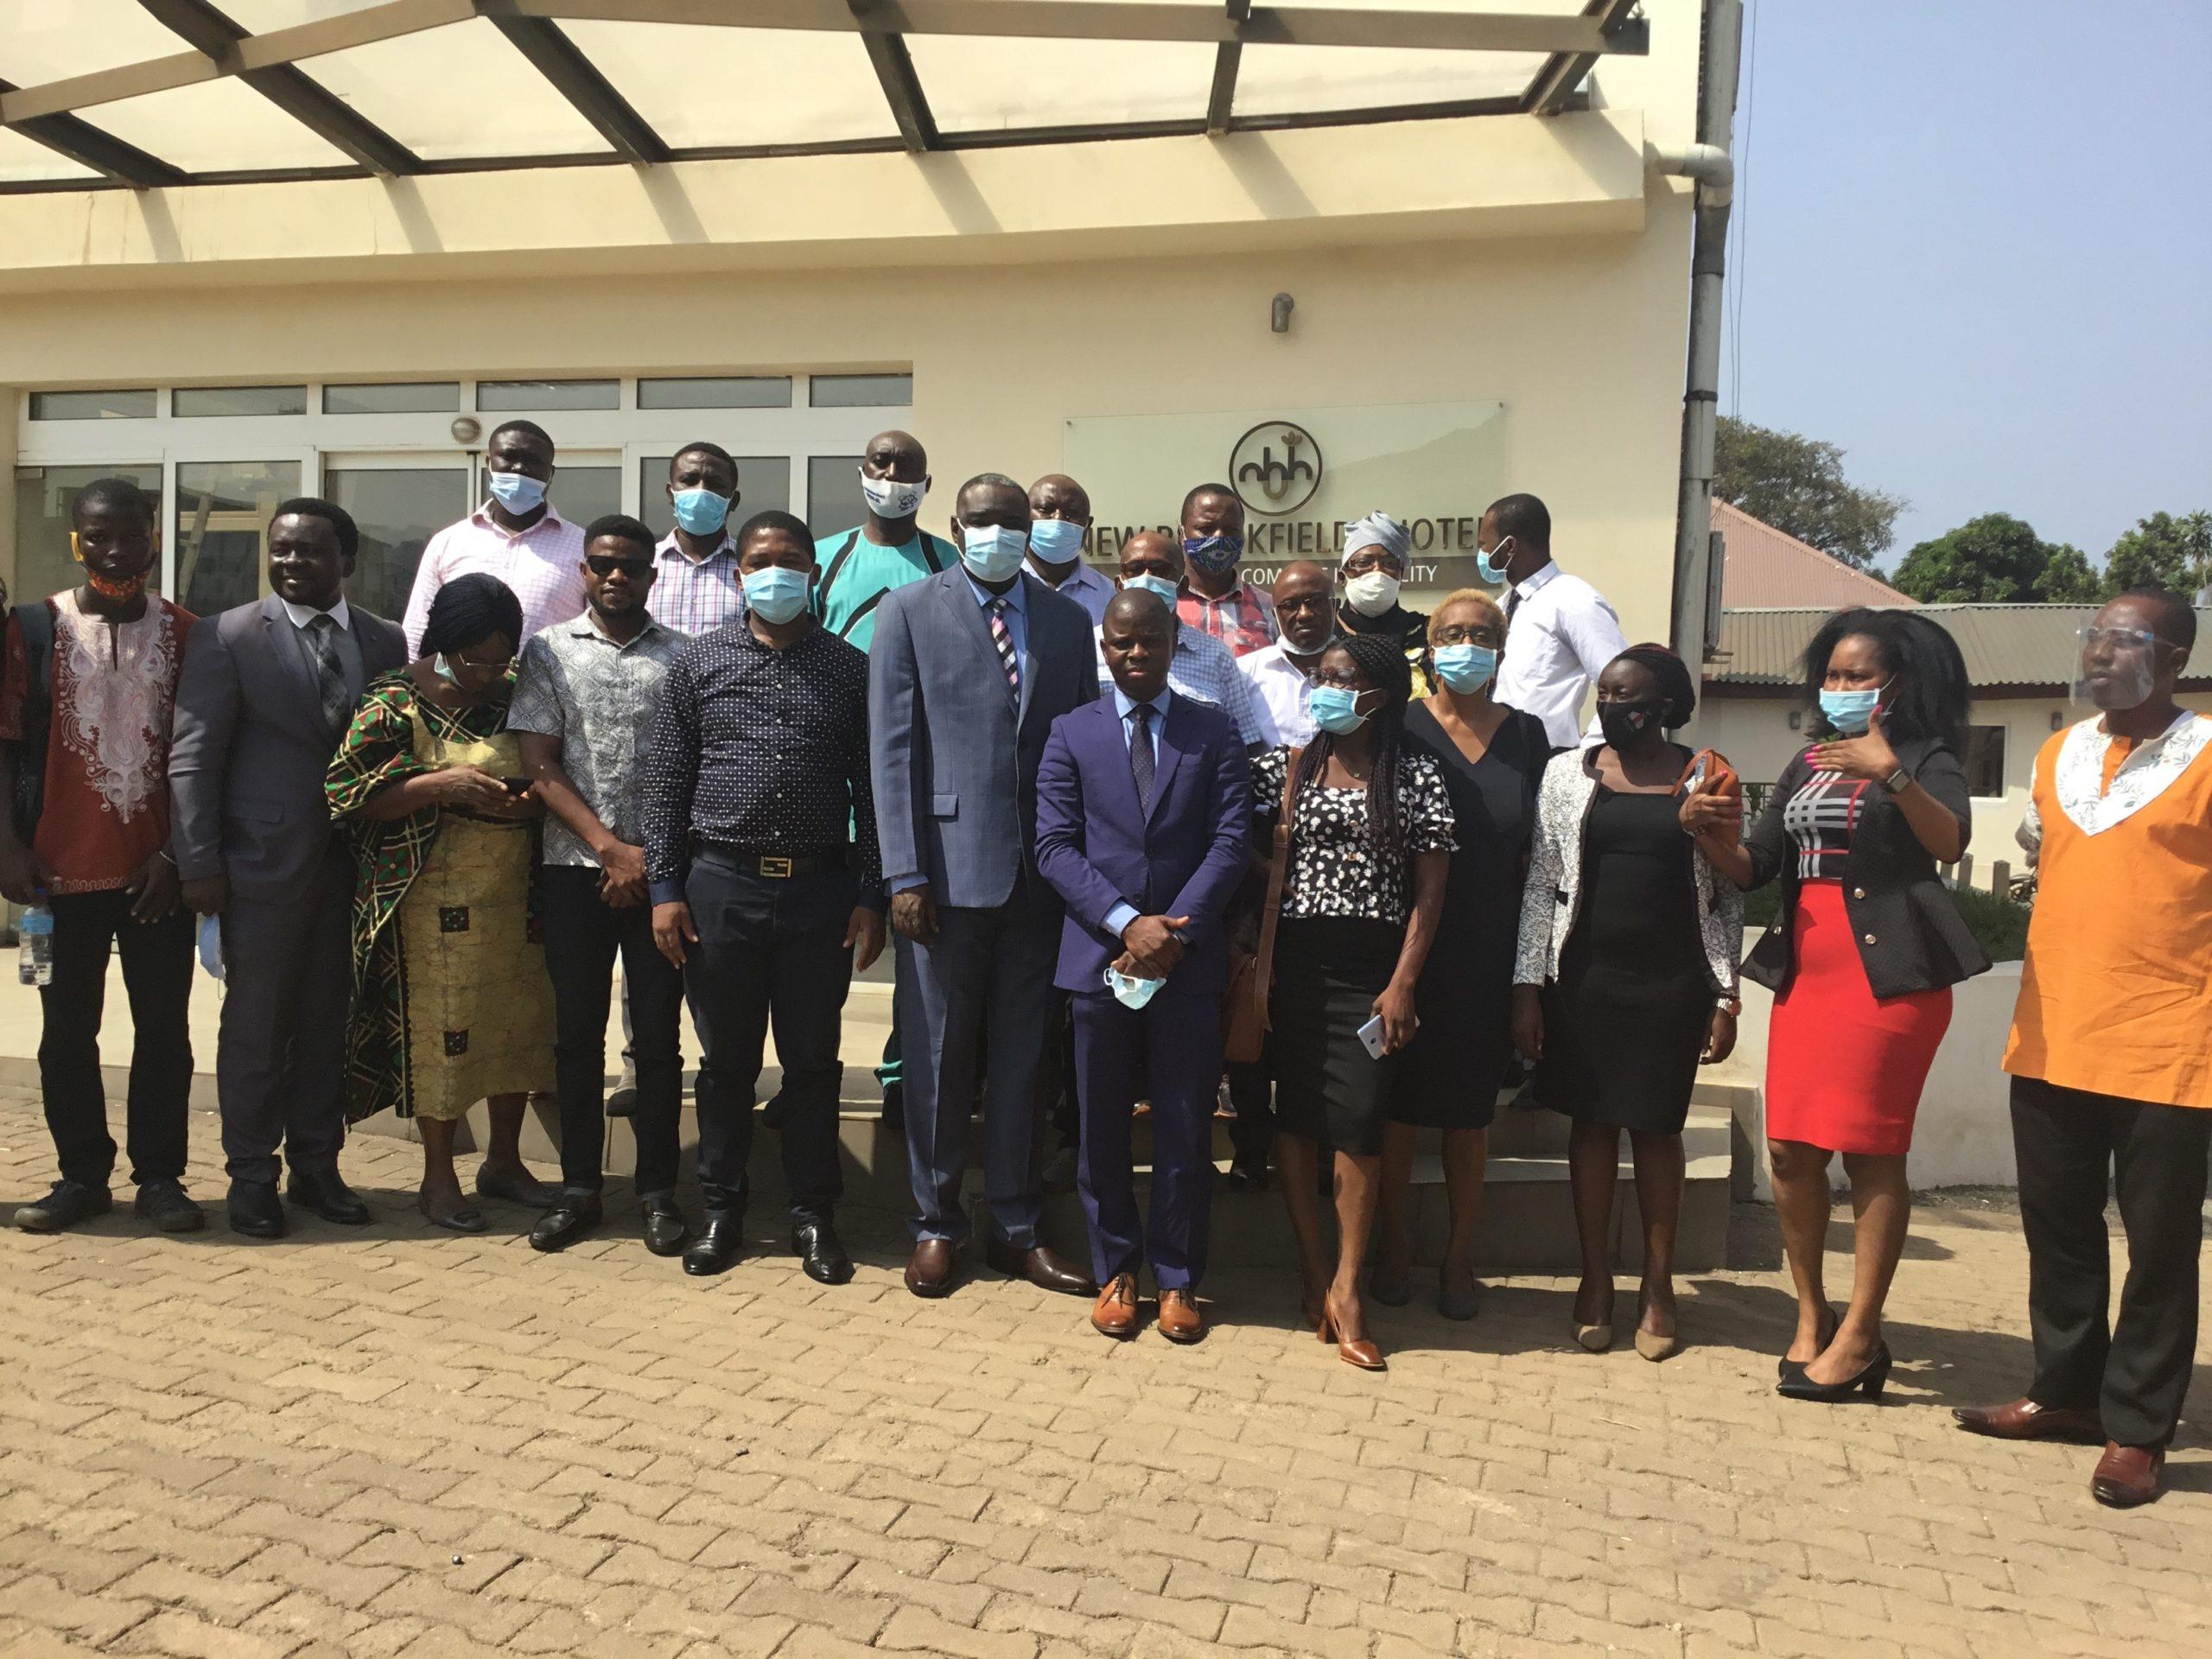 Human rights strategic litigation: IHRDA, CARL organize training, case-identification workshop for Sierra Leone lawyers, CSOs